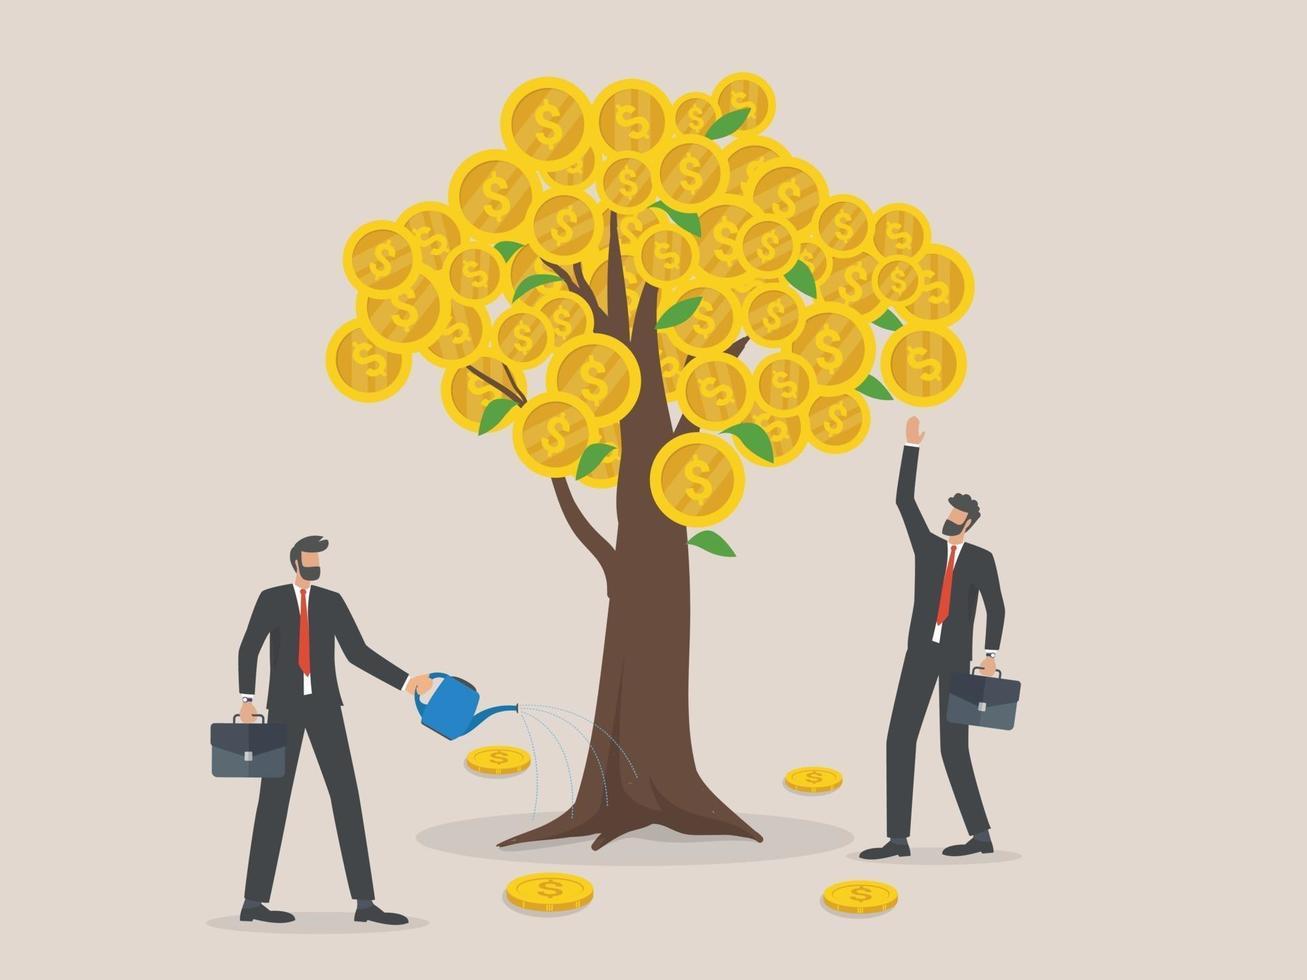 Metapher für Unternehmensinvestitionen, Gewinn und Einnahmen, zwei Geschäftsleute, die Geld aus dem Geldbaum gießen und pflücken. vektor